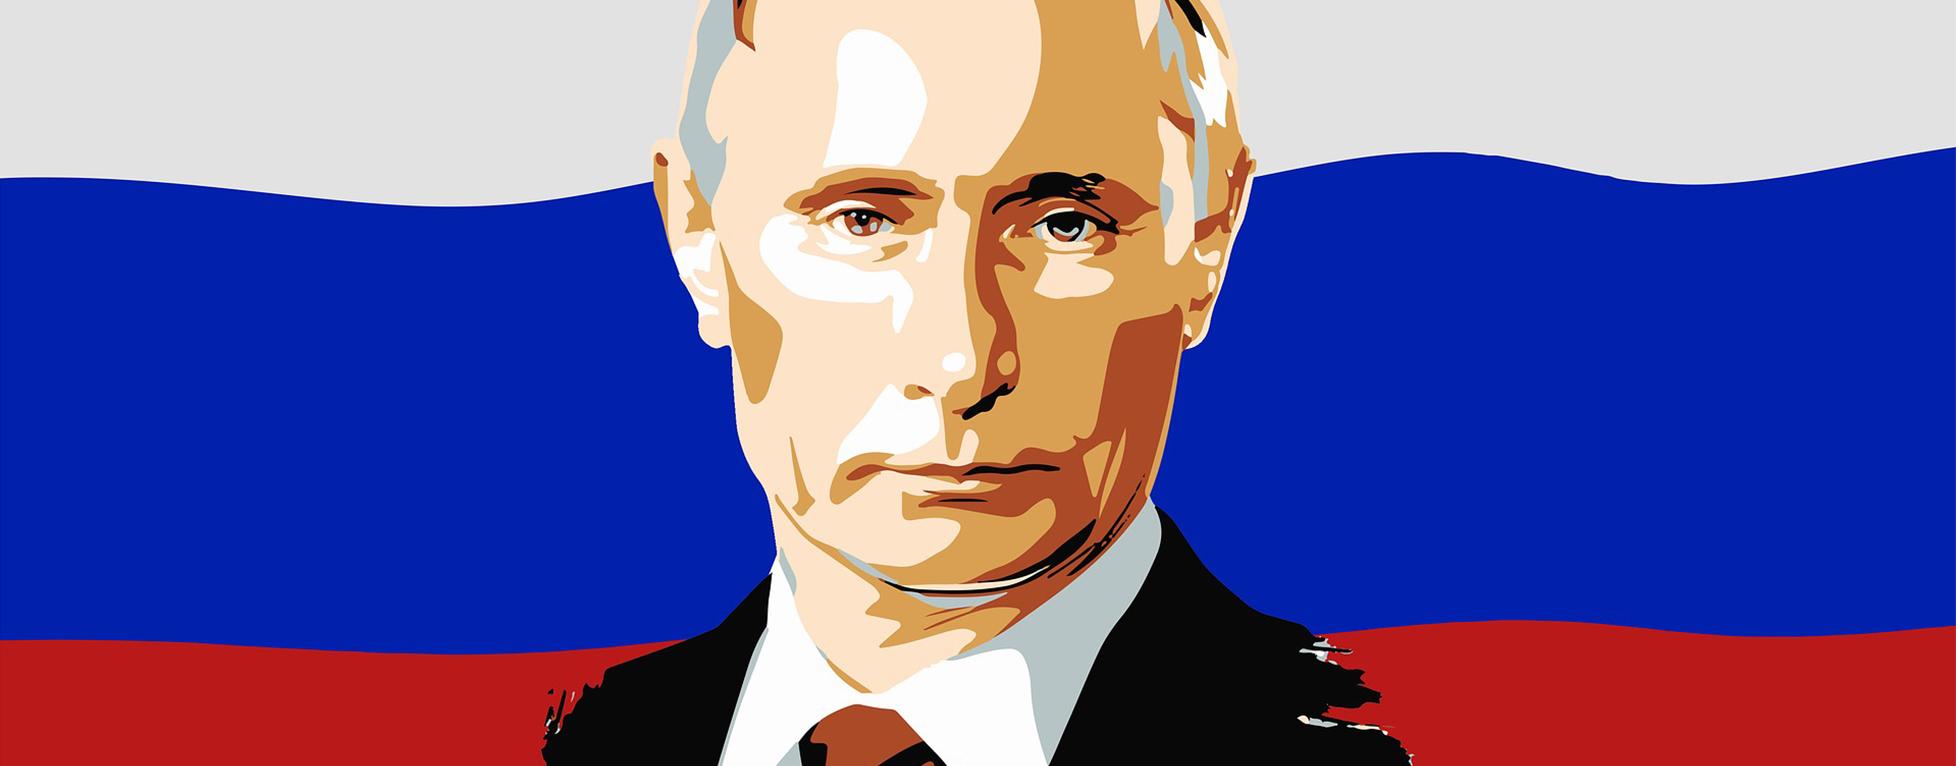 Russie : Vladimir Poutine prépare l'après-Poutine